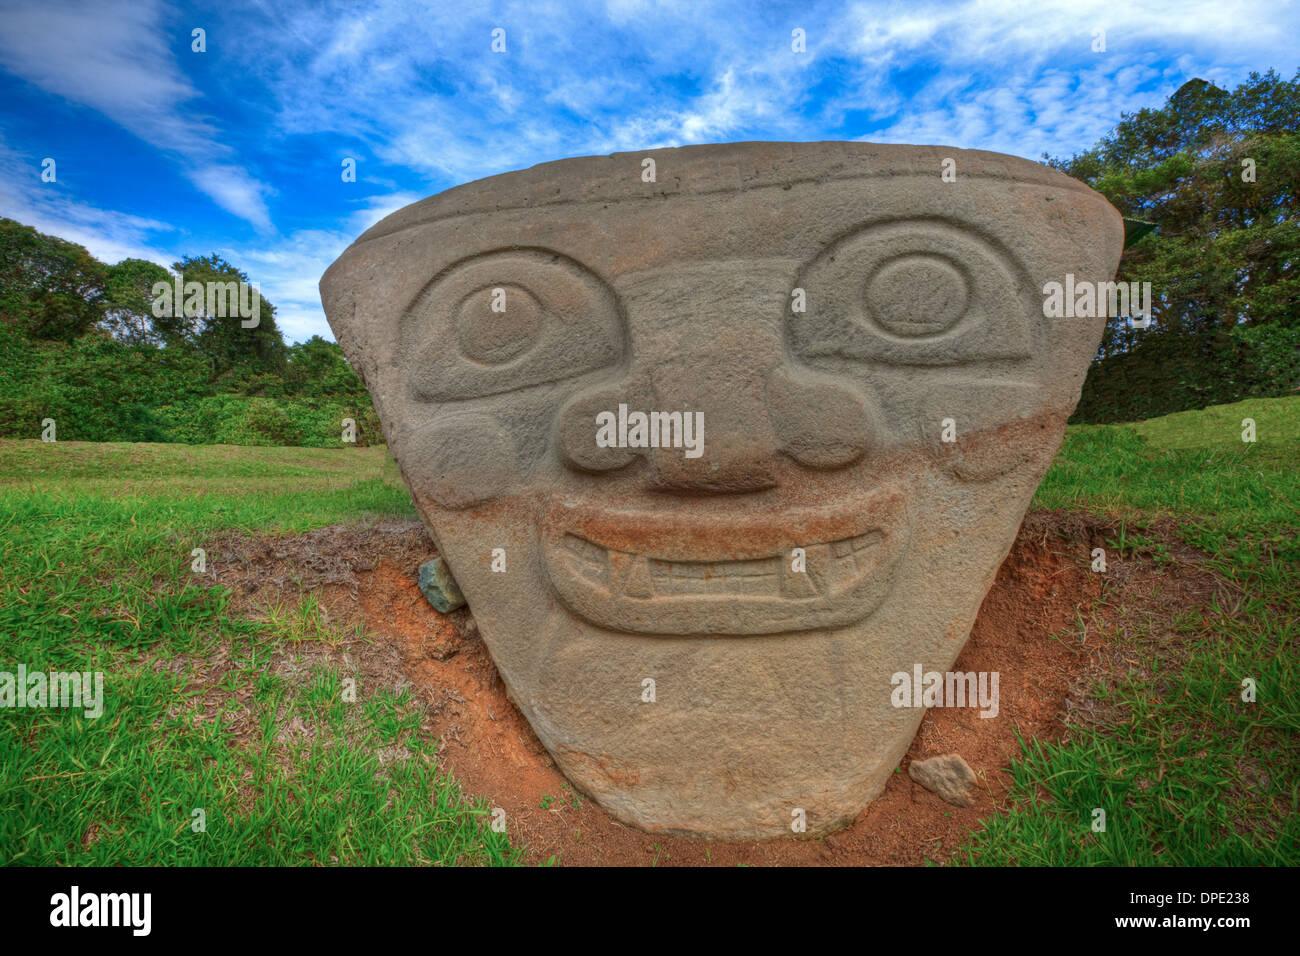 Estatua del dios del sol, el Parque Arqueológico de San Agustín, Colombia, año 3000 estatuas de cultura desconocido Imagen De Stock